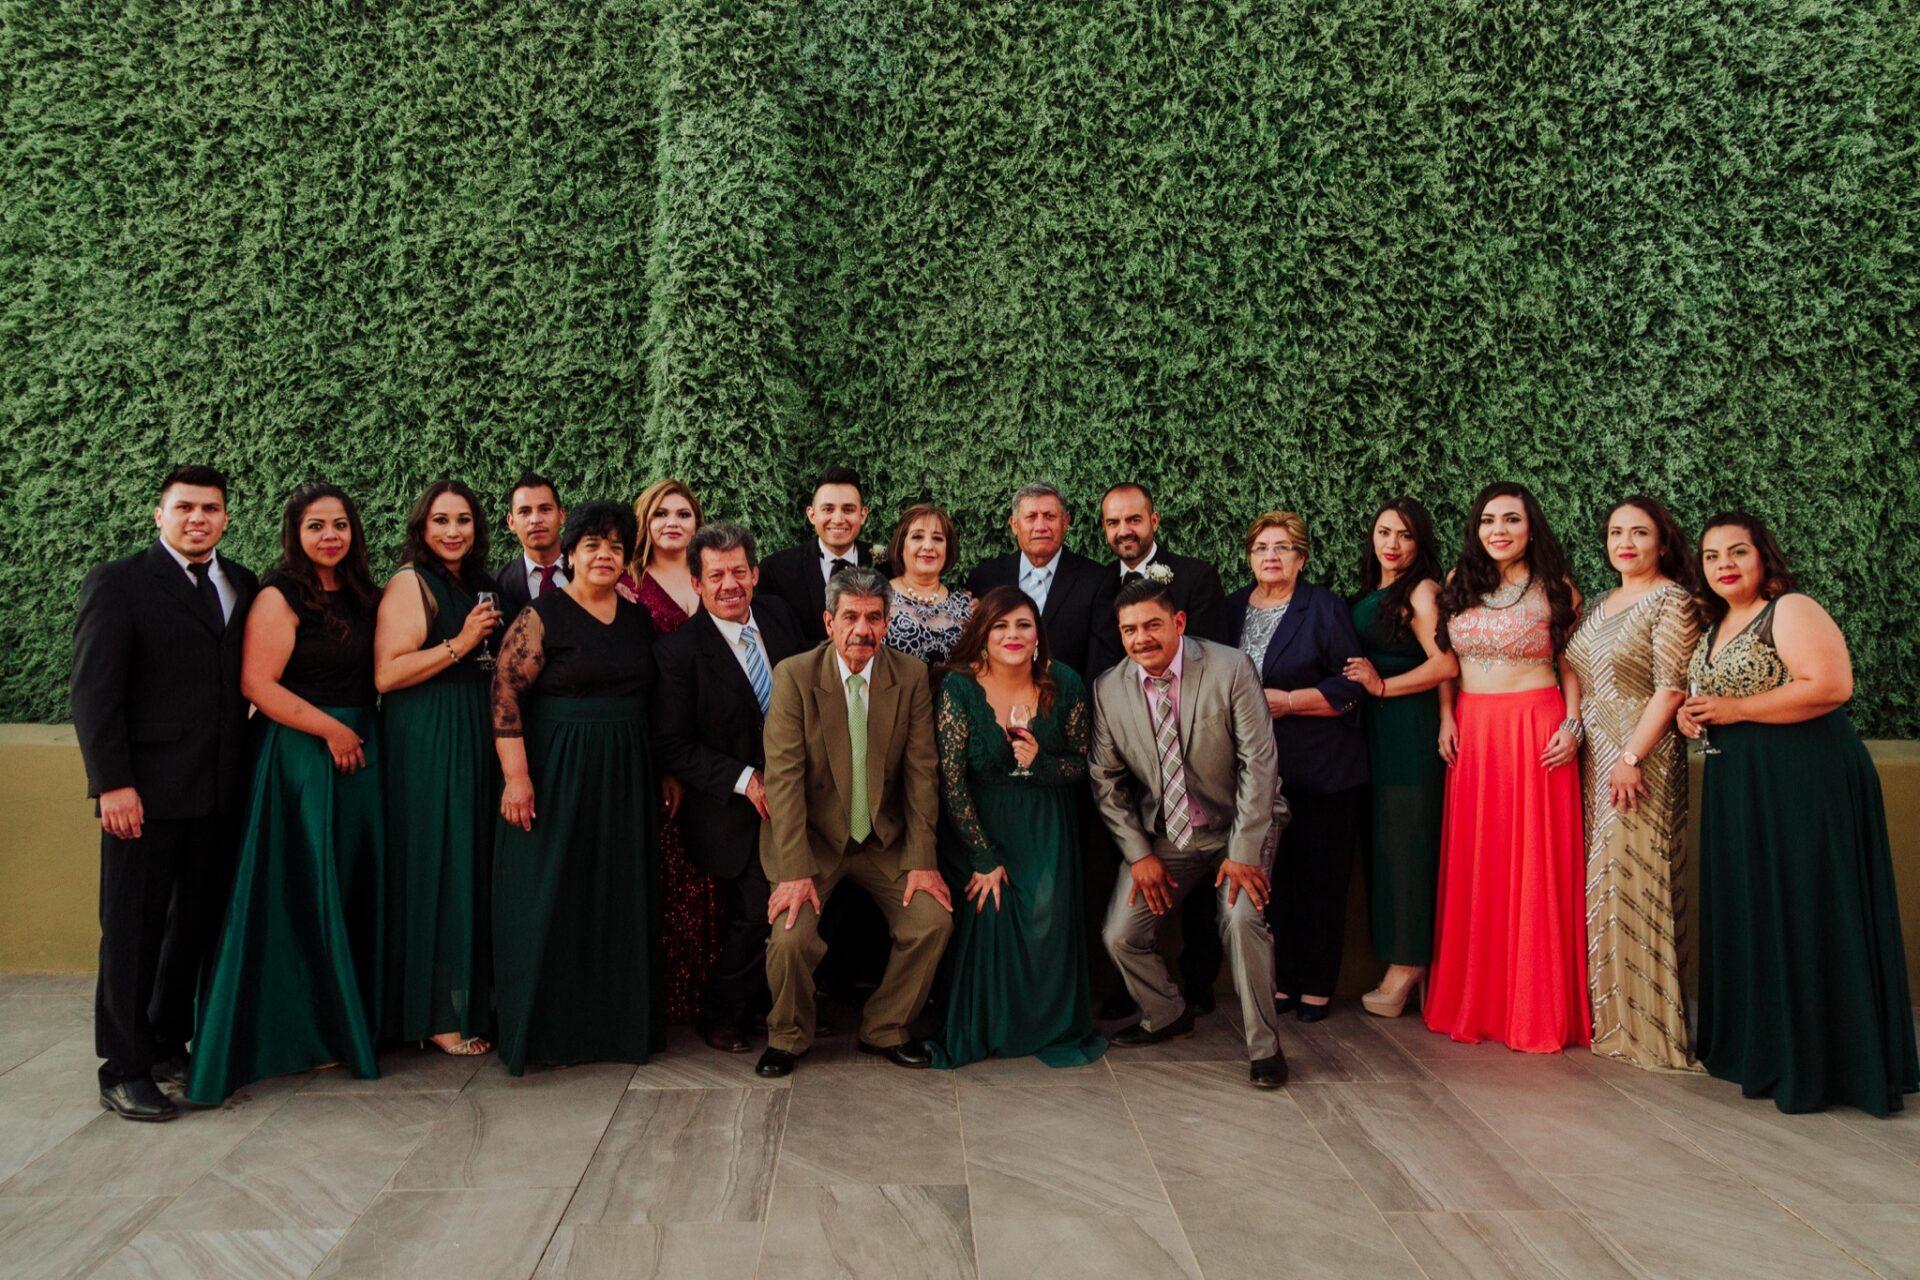 javier_noriega_fotografo_bodas_alicia_garden_zacatecas_wedding_photographer20